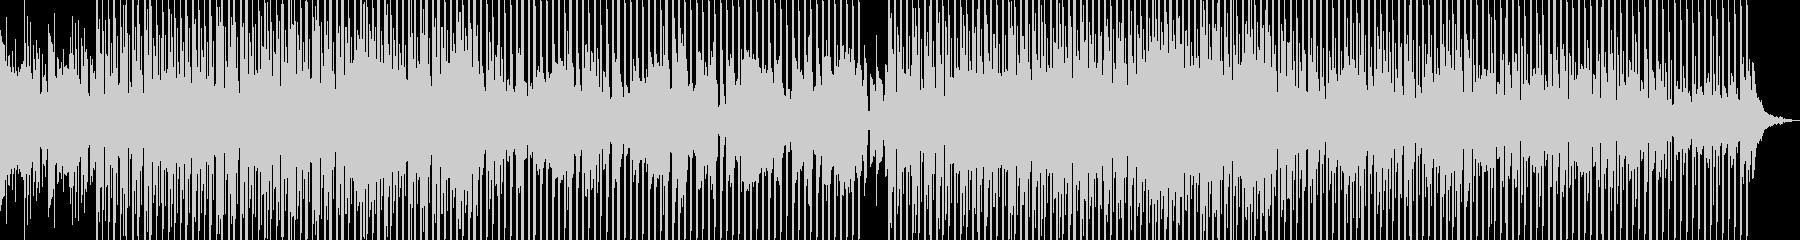 クールでシックなディスコサウンドの未再生の波形